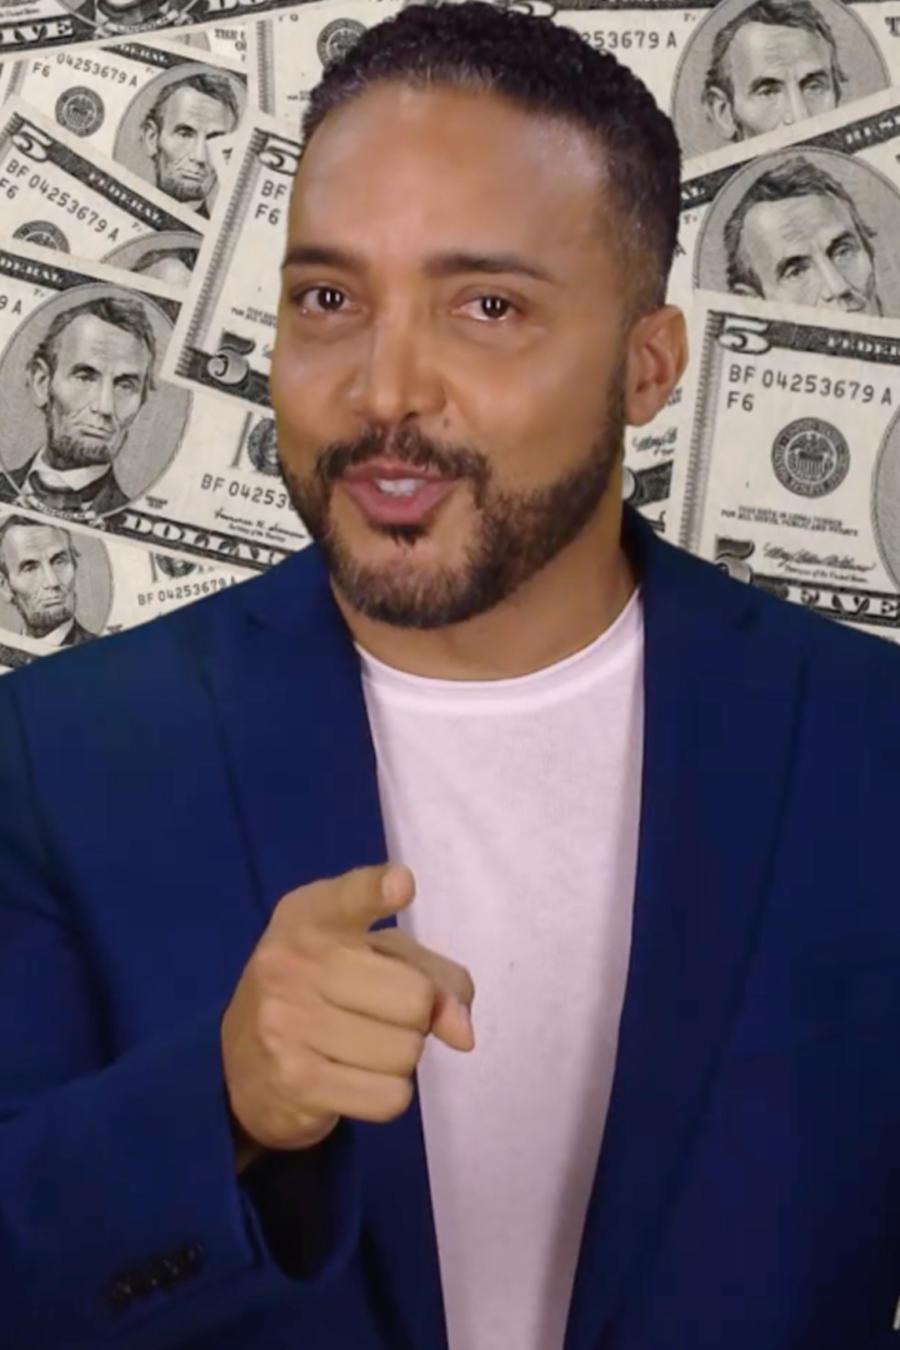 Douglas Bernal